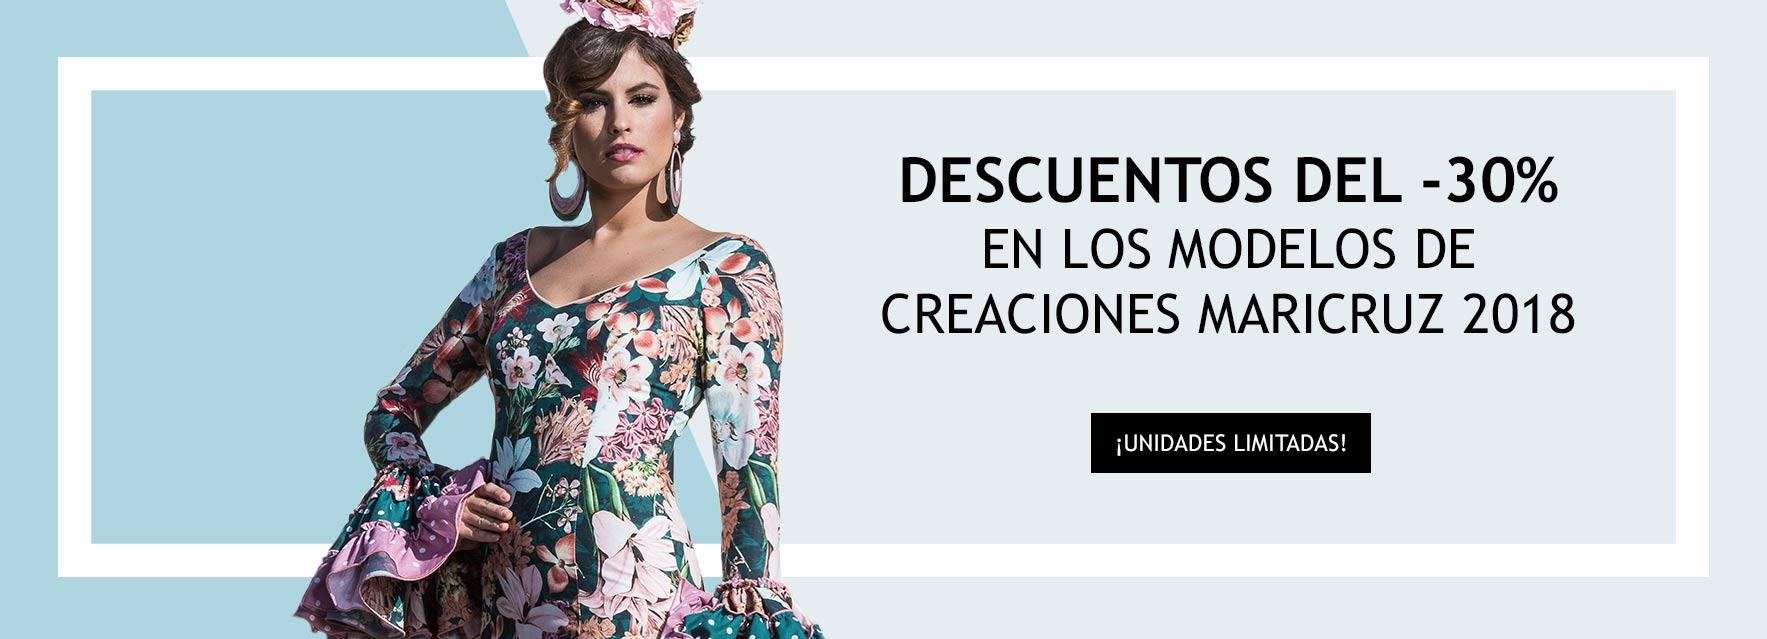 Descuentos del 30% en colección Maricruz